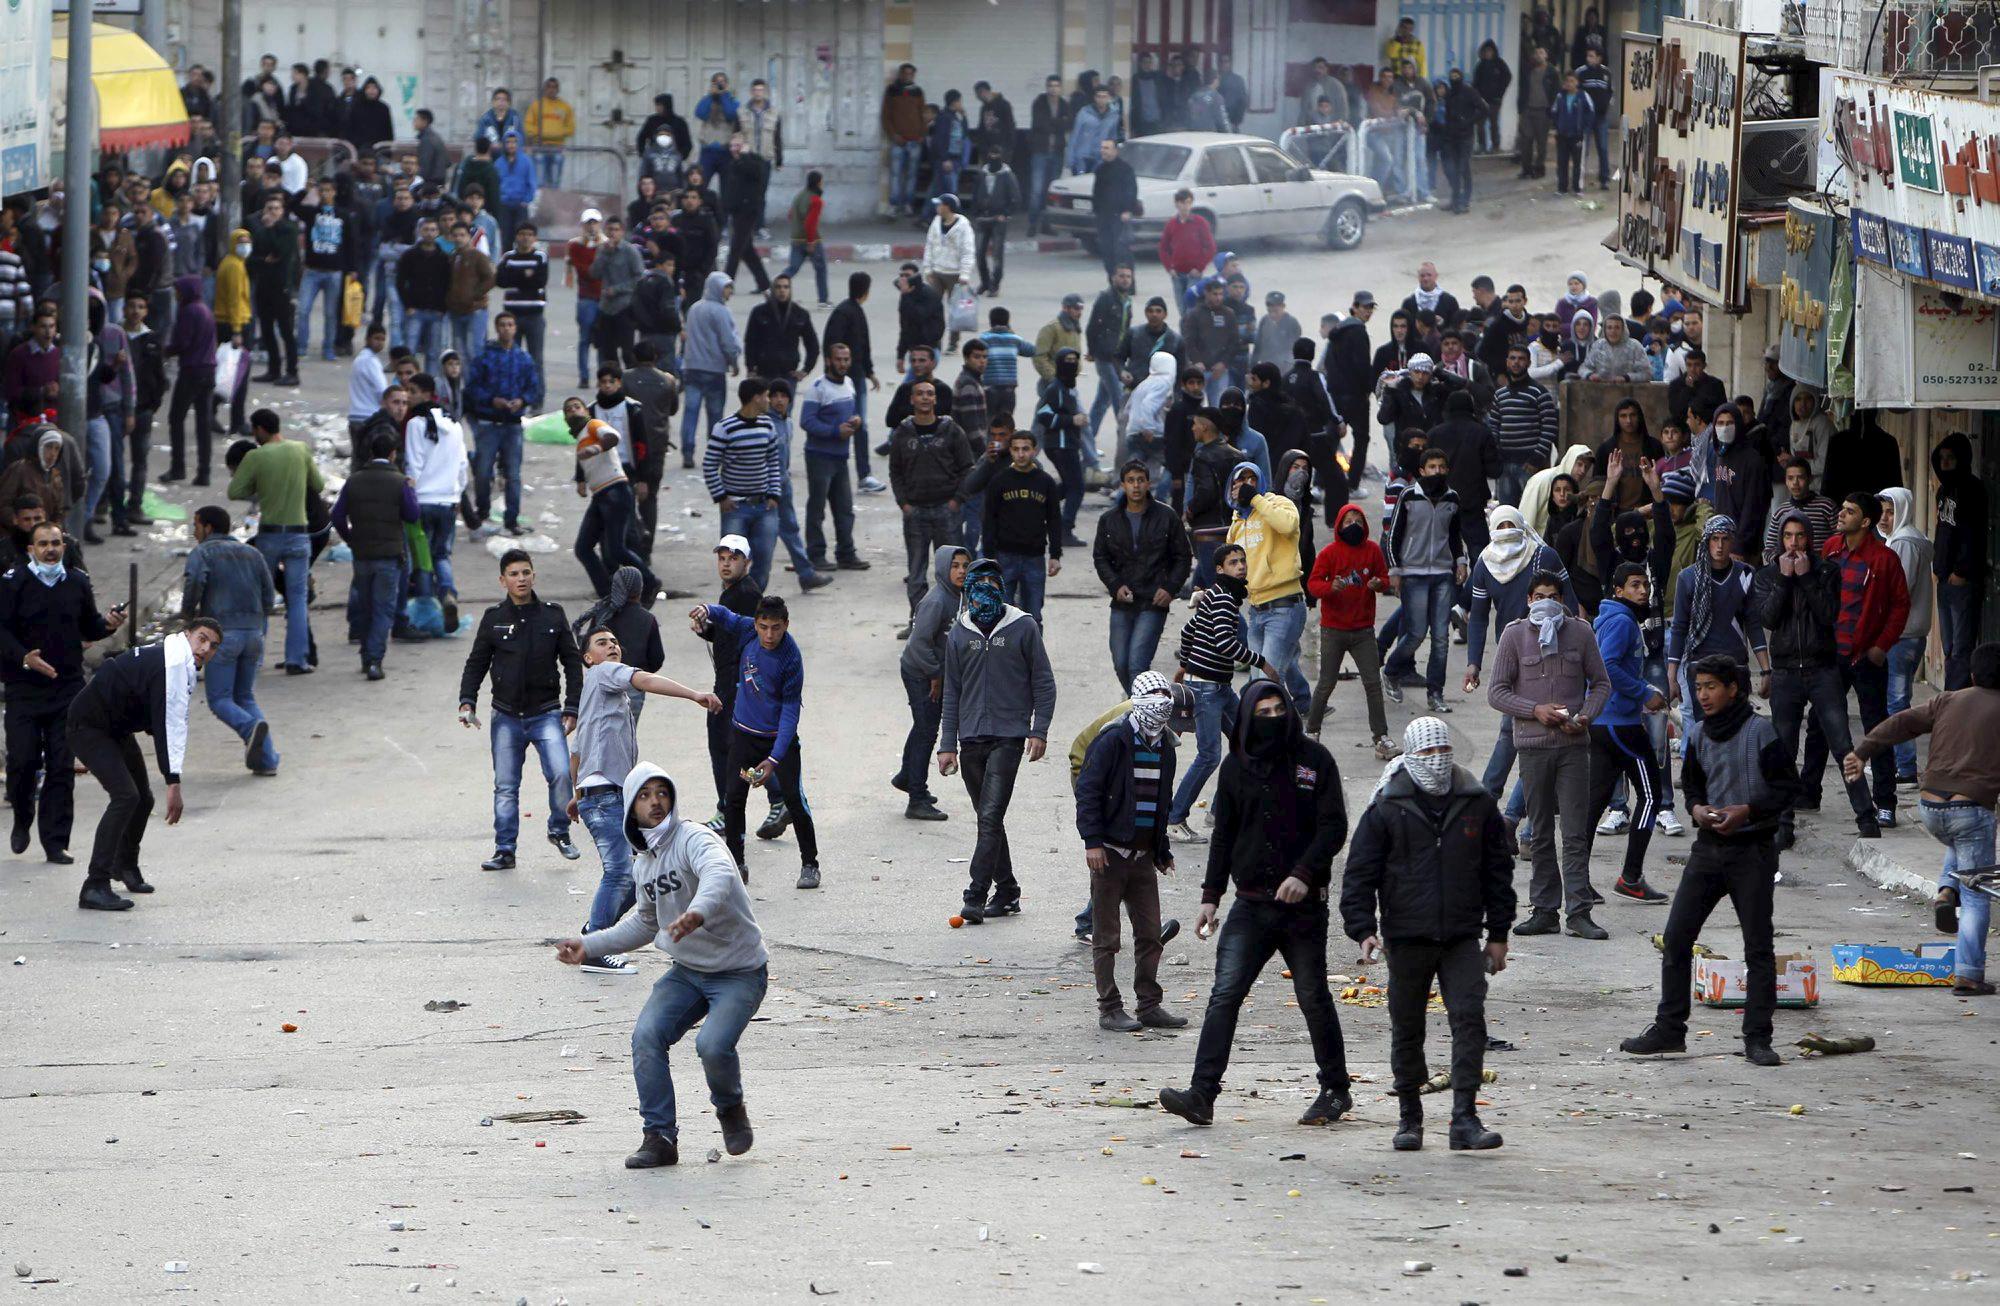 هبة القدس: ليفني تطرح تعديلا لتشديد العقوبات على إلقاء حجارة